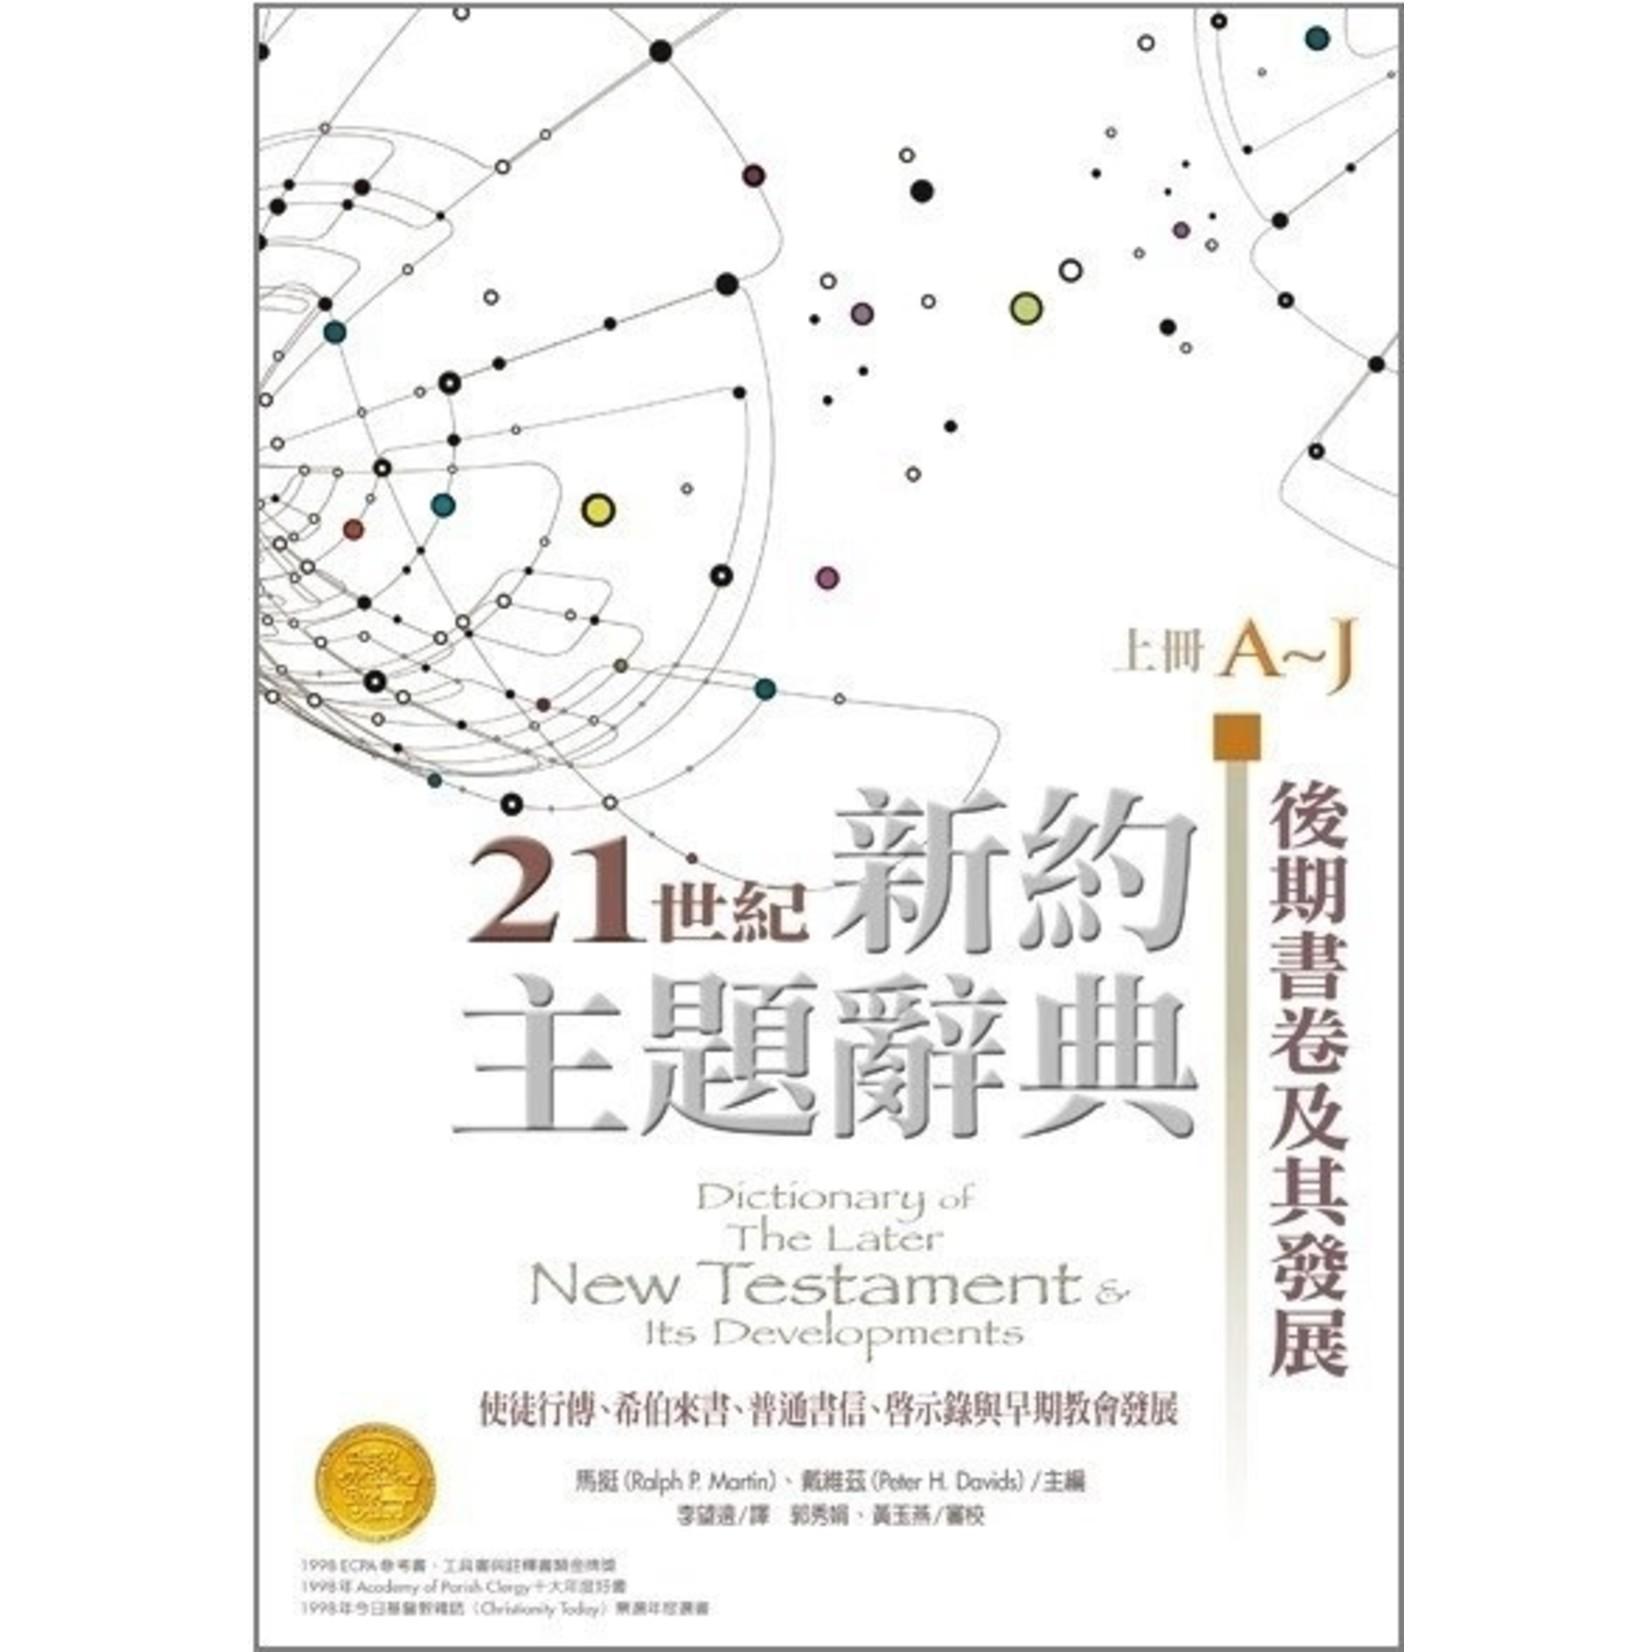 校園書房 Campus Books 21世紀新約主題辭典(上下冊)Dictionary of The Later New Testament & Its Developments